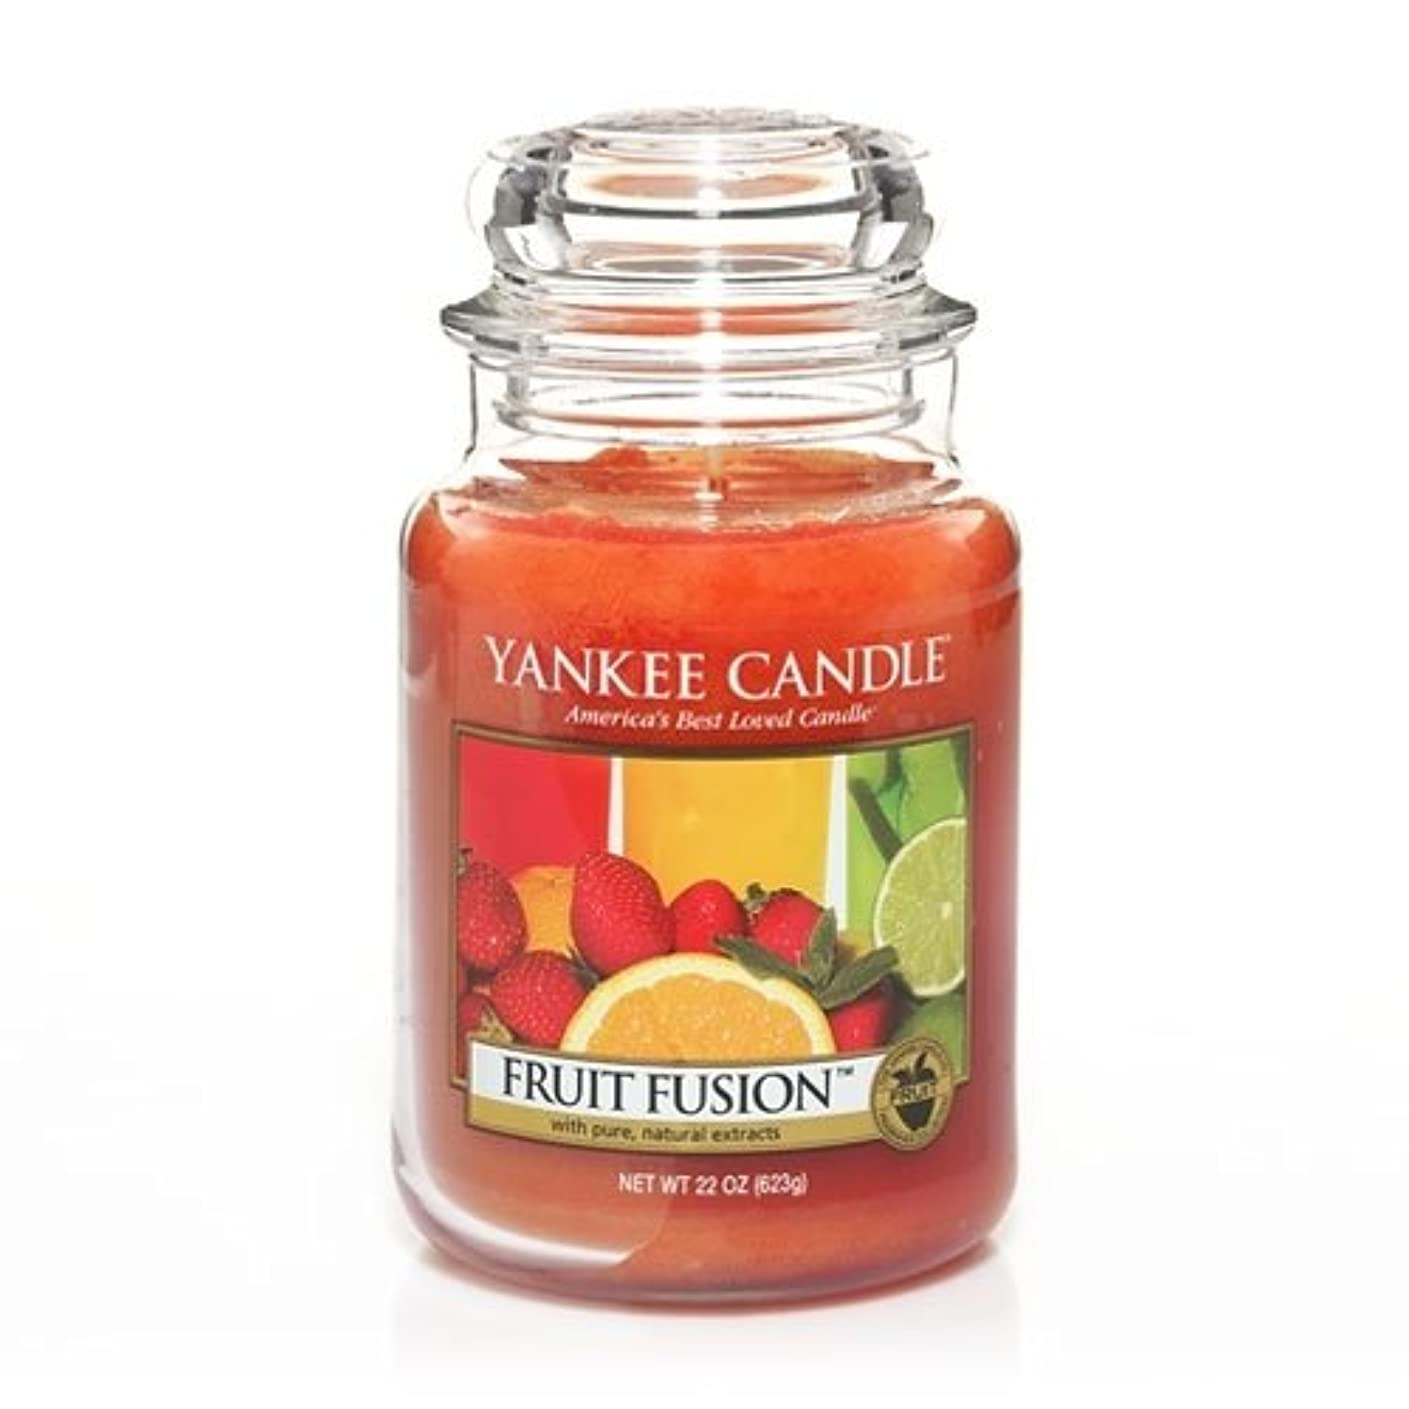 疑問に思う朝食を食べるステレオタイプYankee Candle Fruit Fusion、フルーツ香り Large Jar Candles オレンジ 1230712-YC